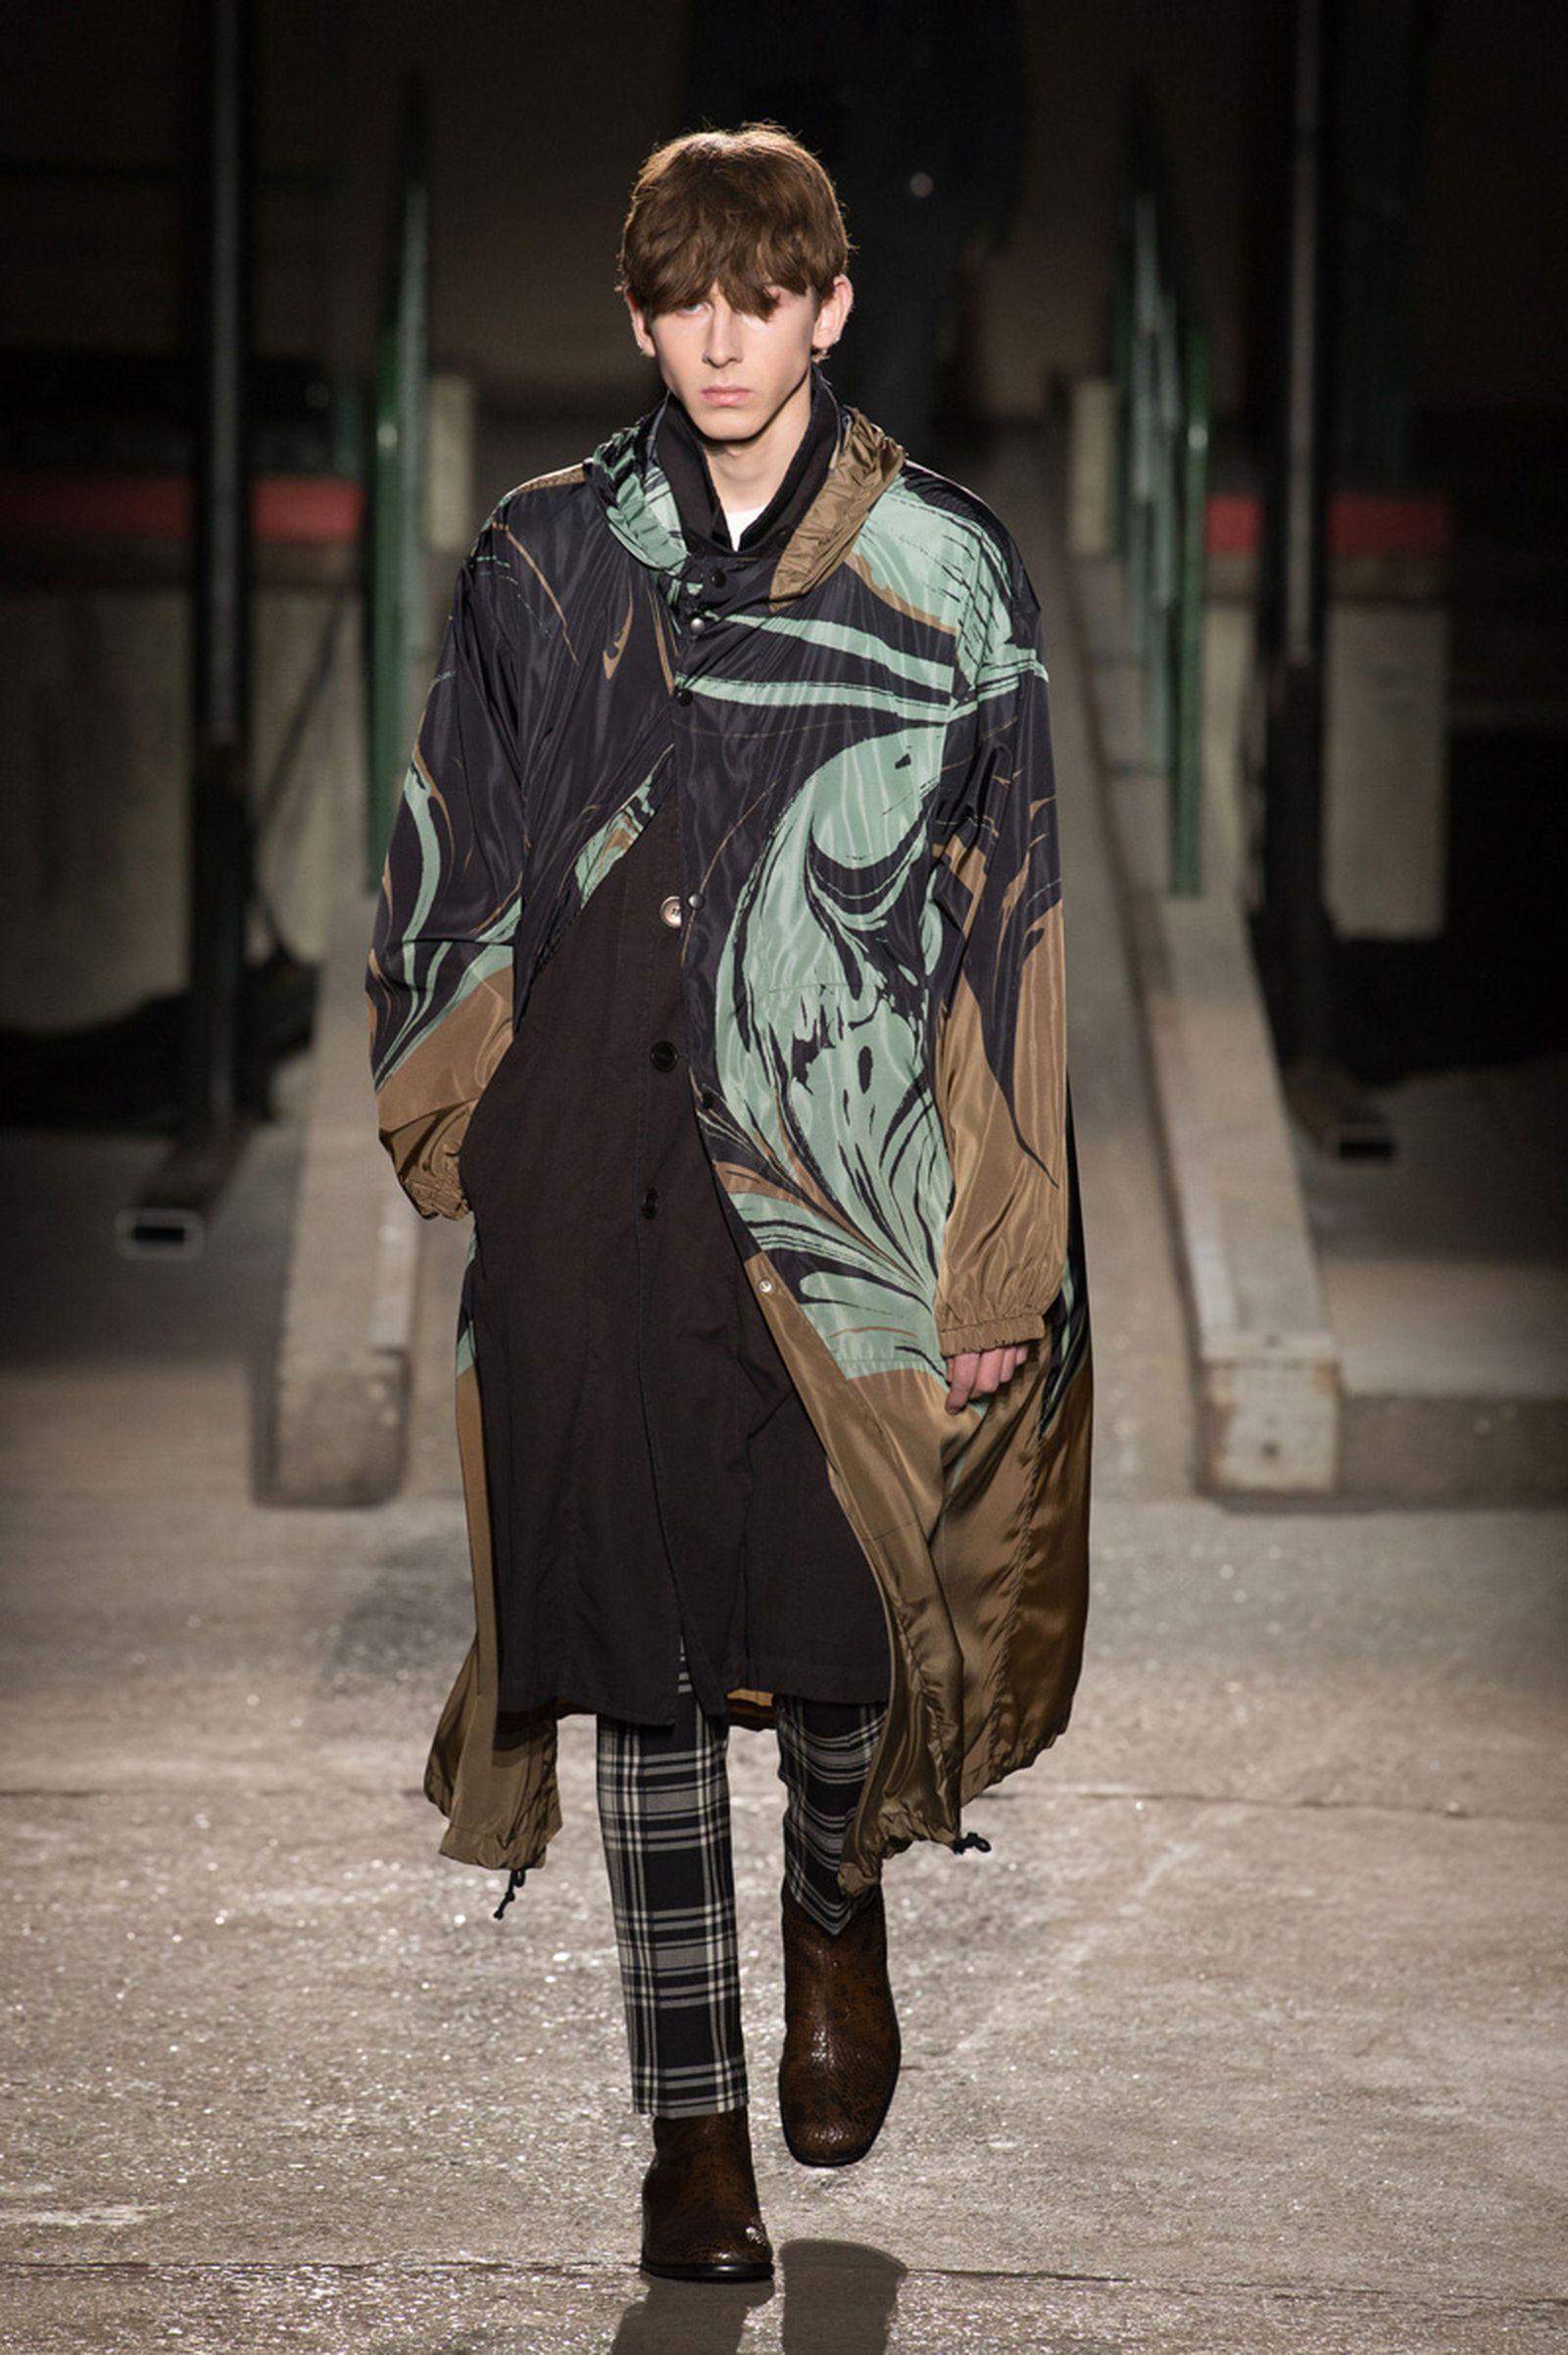 dries van noten AW18 19 look036 fashion week 2018 paris fashion week runway